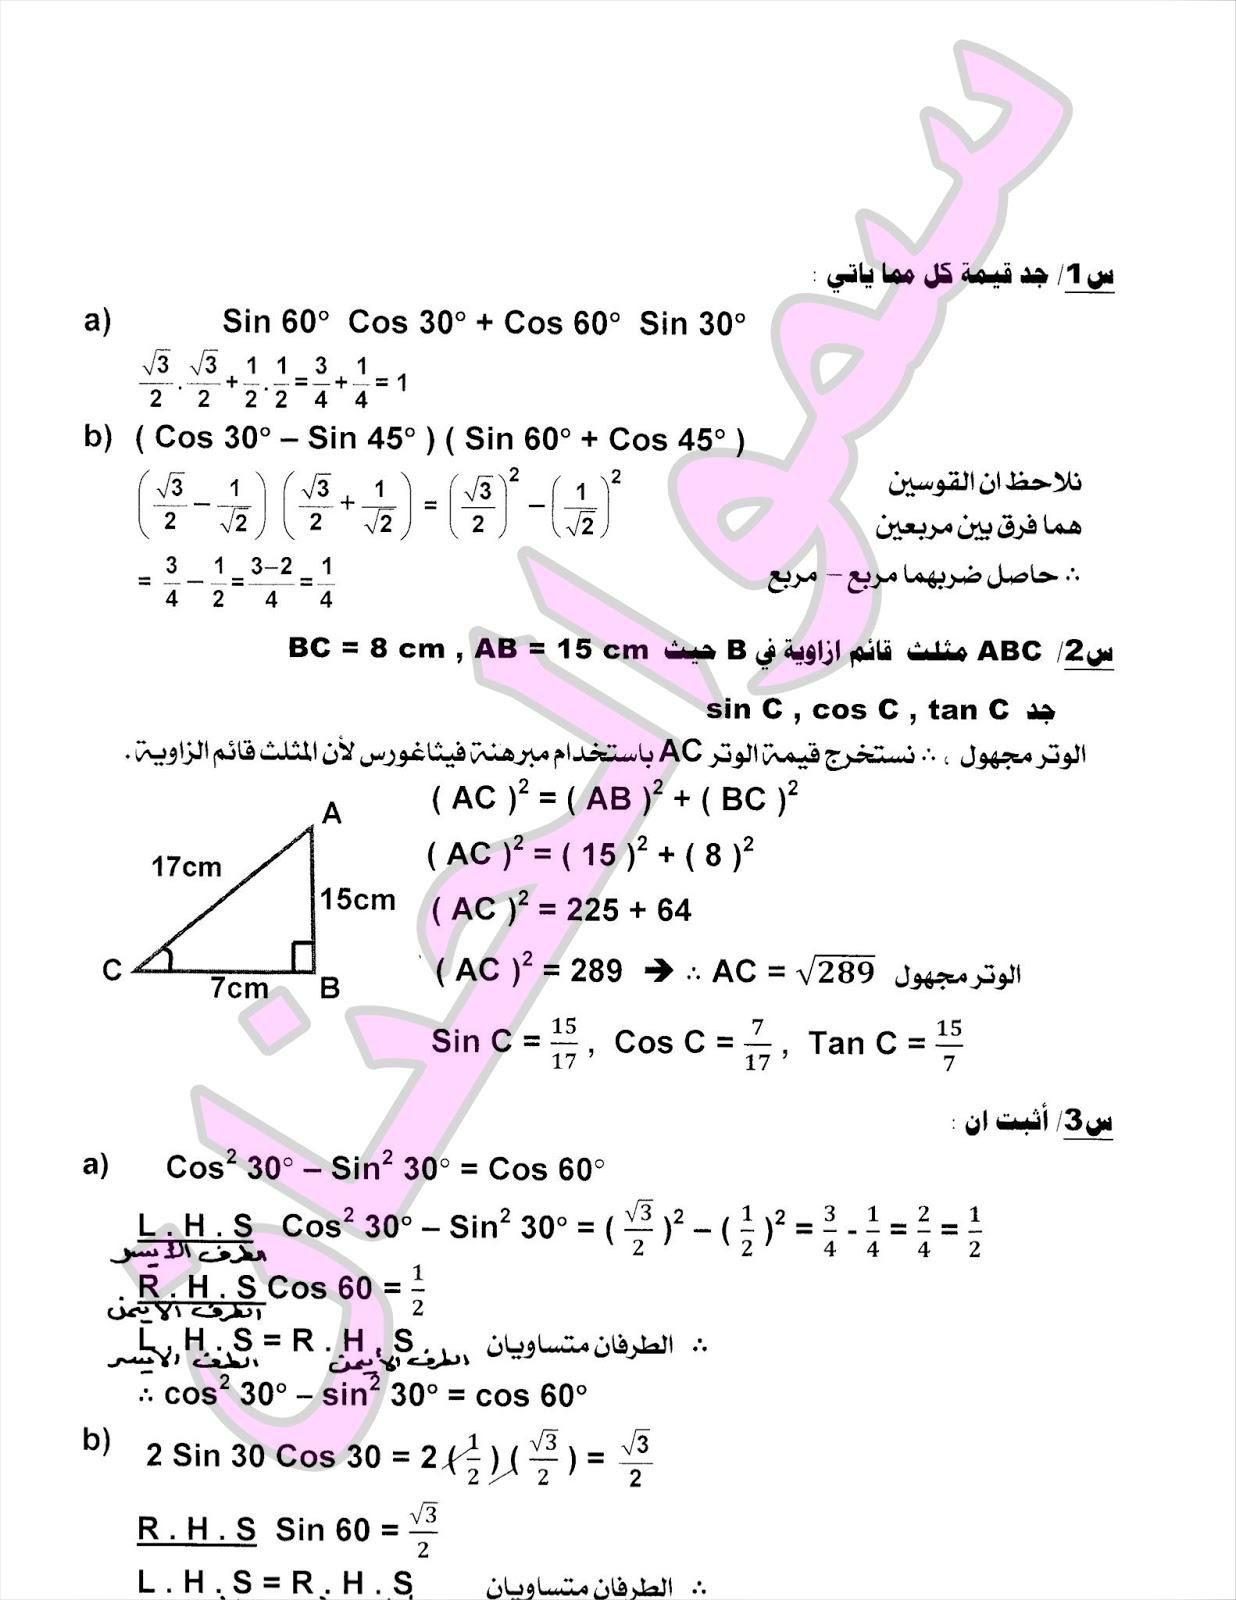 المراجعة المركزة وملخص لمادة الرياضيات للصف الثالث المتوسط 2017 | الجزء 3 2510